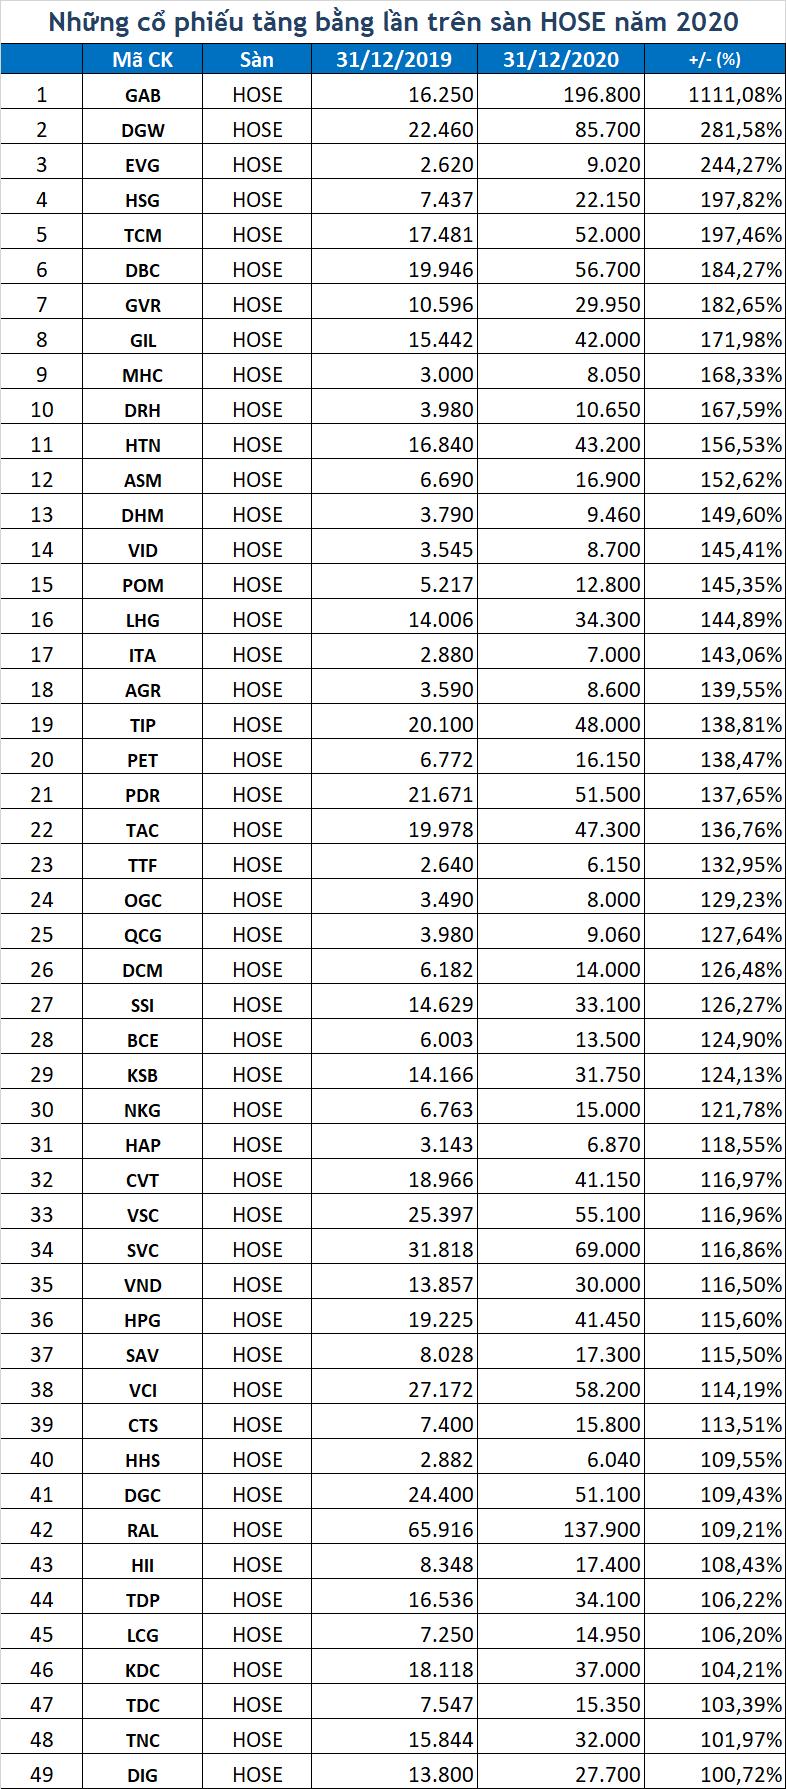 146 cổ phiếu giúp tài khoản bằng lần năm 2020: Kỷ lục tăng giá gấp 12 lần - Ảnh 1.